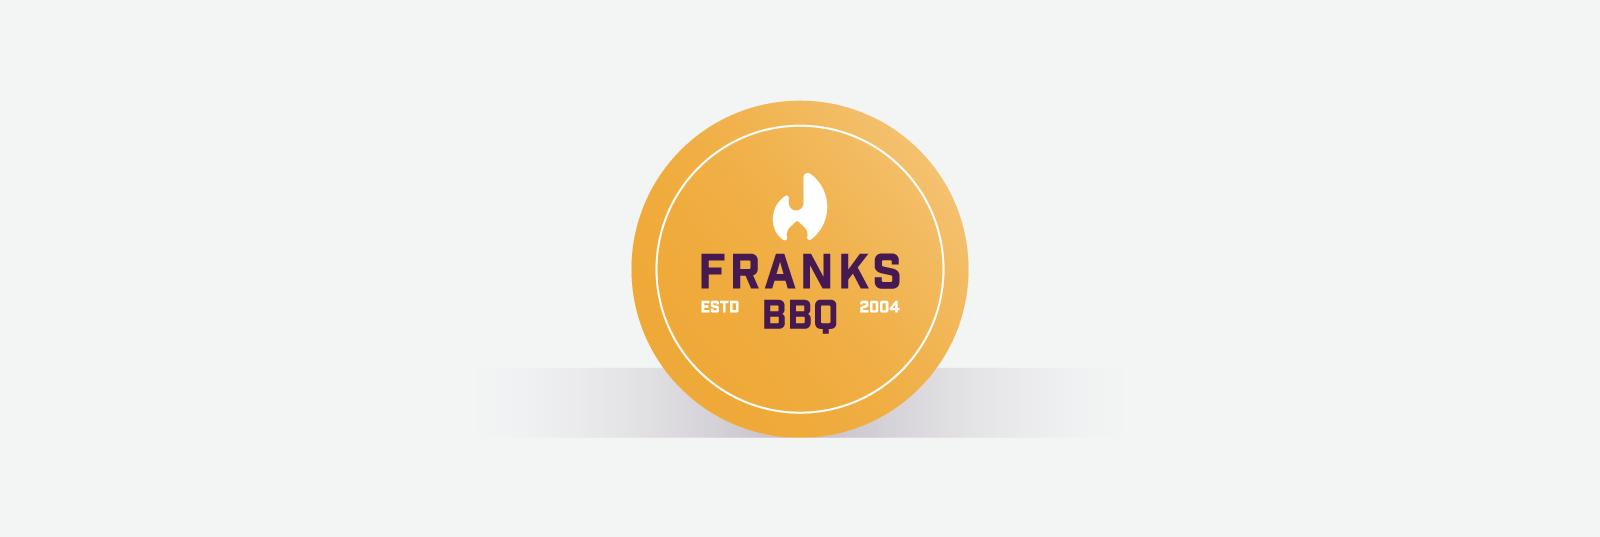 Orange circle business card